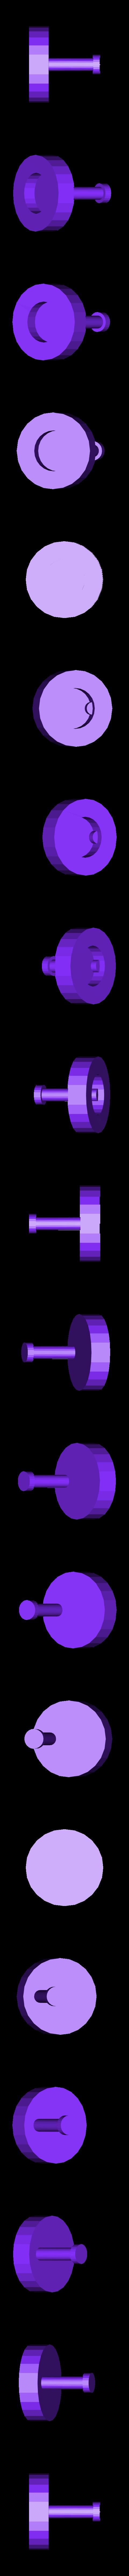 05_2x.stl Download STL file MONAKO RC MODEL BOAT TUG • 3D printable template, maca-artwork